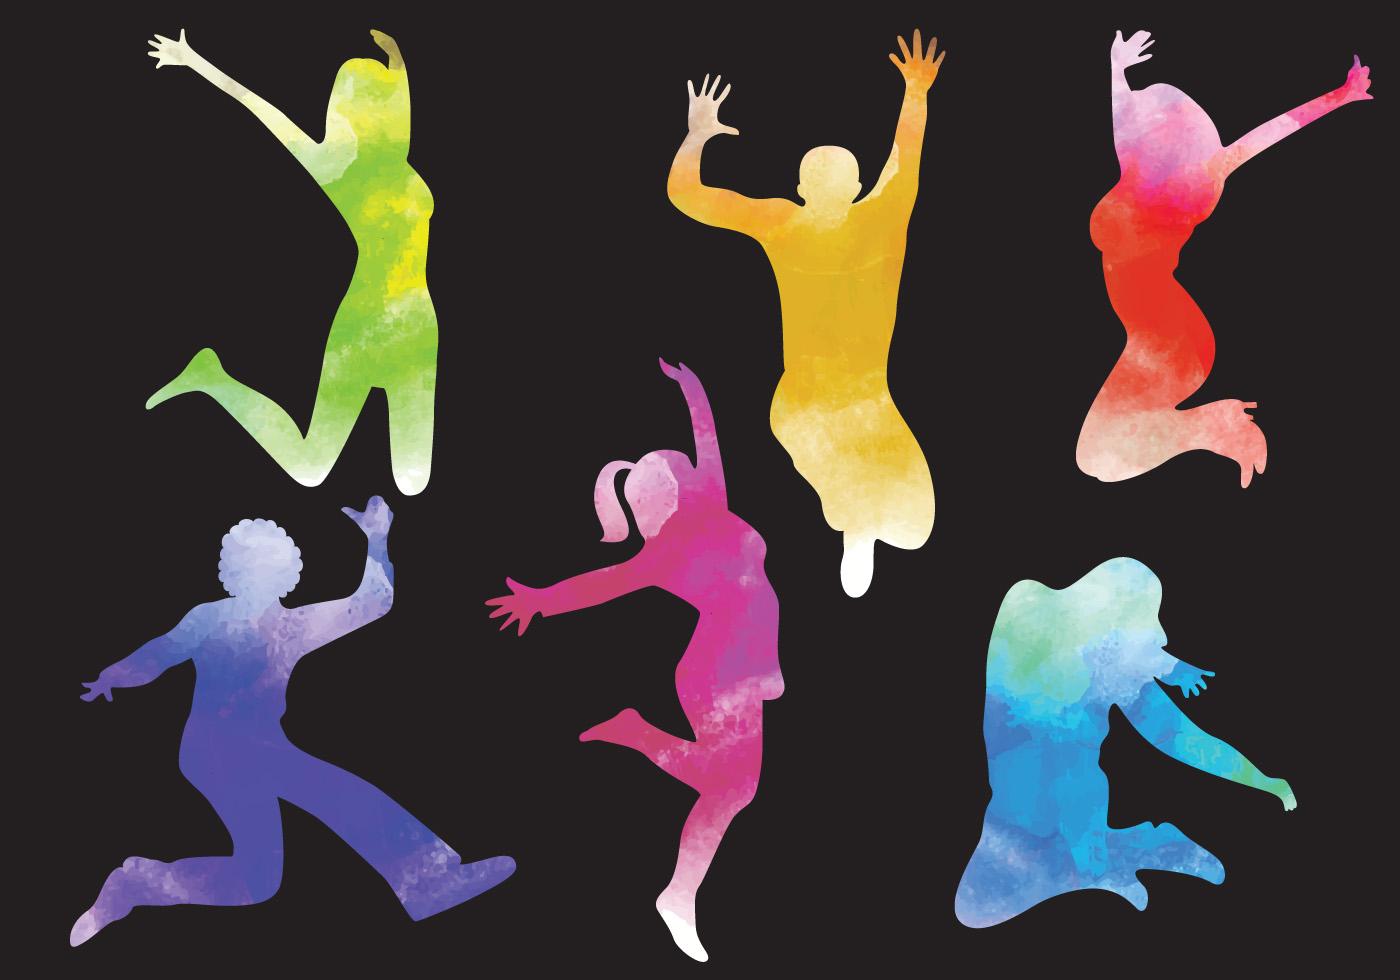 картинки с танцующими фигурками поражающая